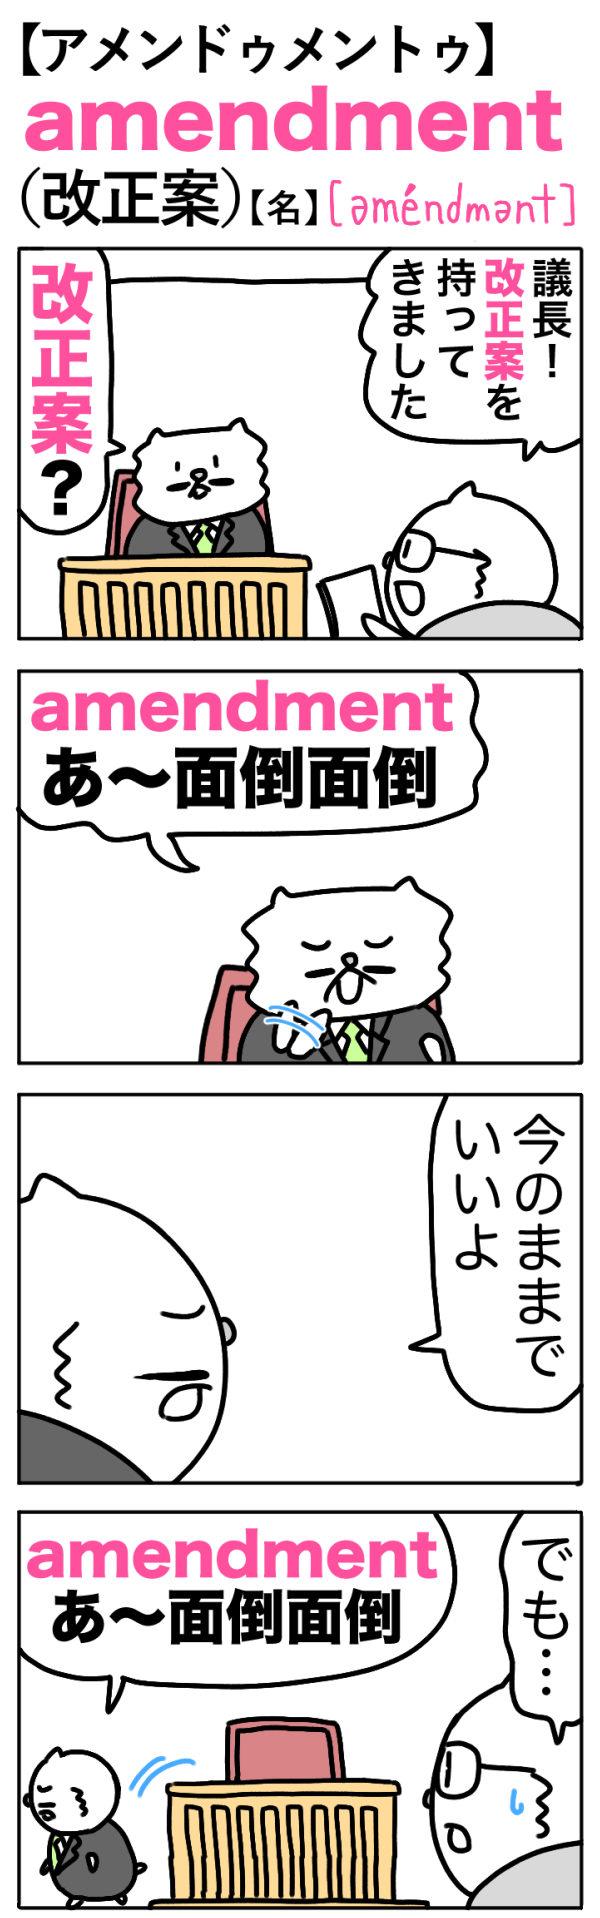 amendment(改正案)の語呂合わせ英単語